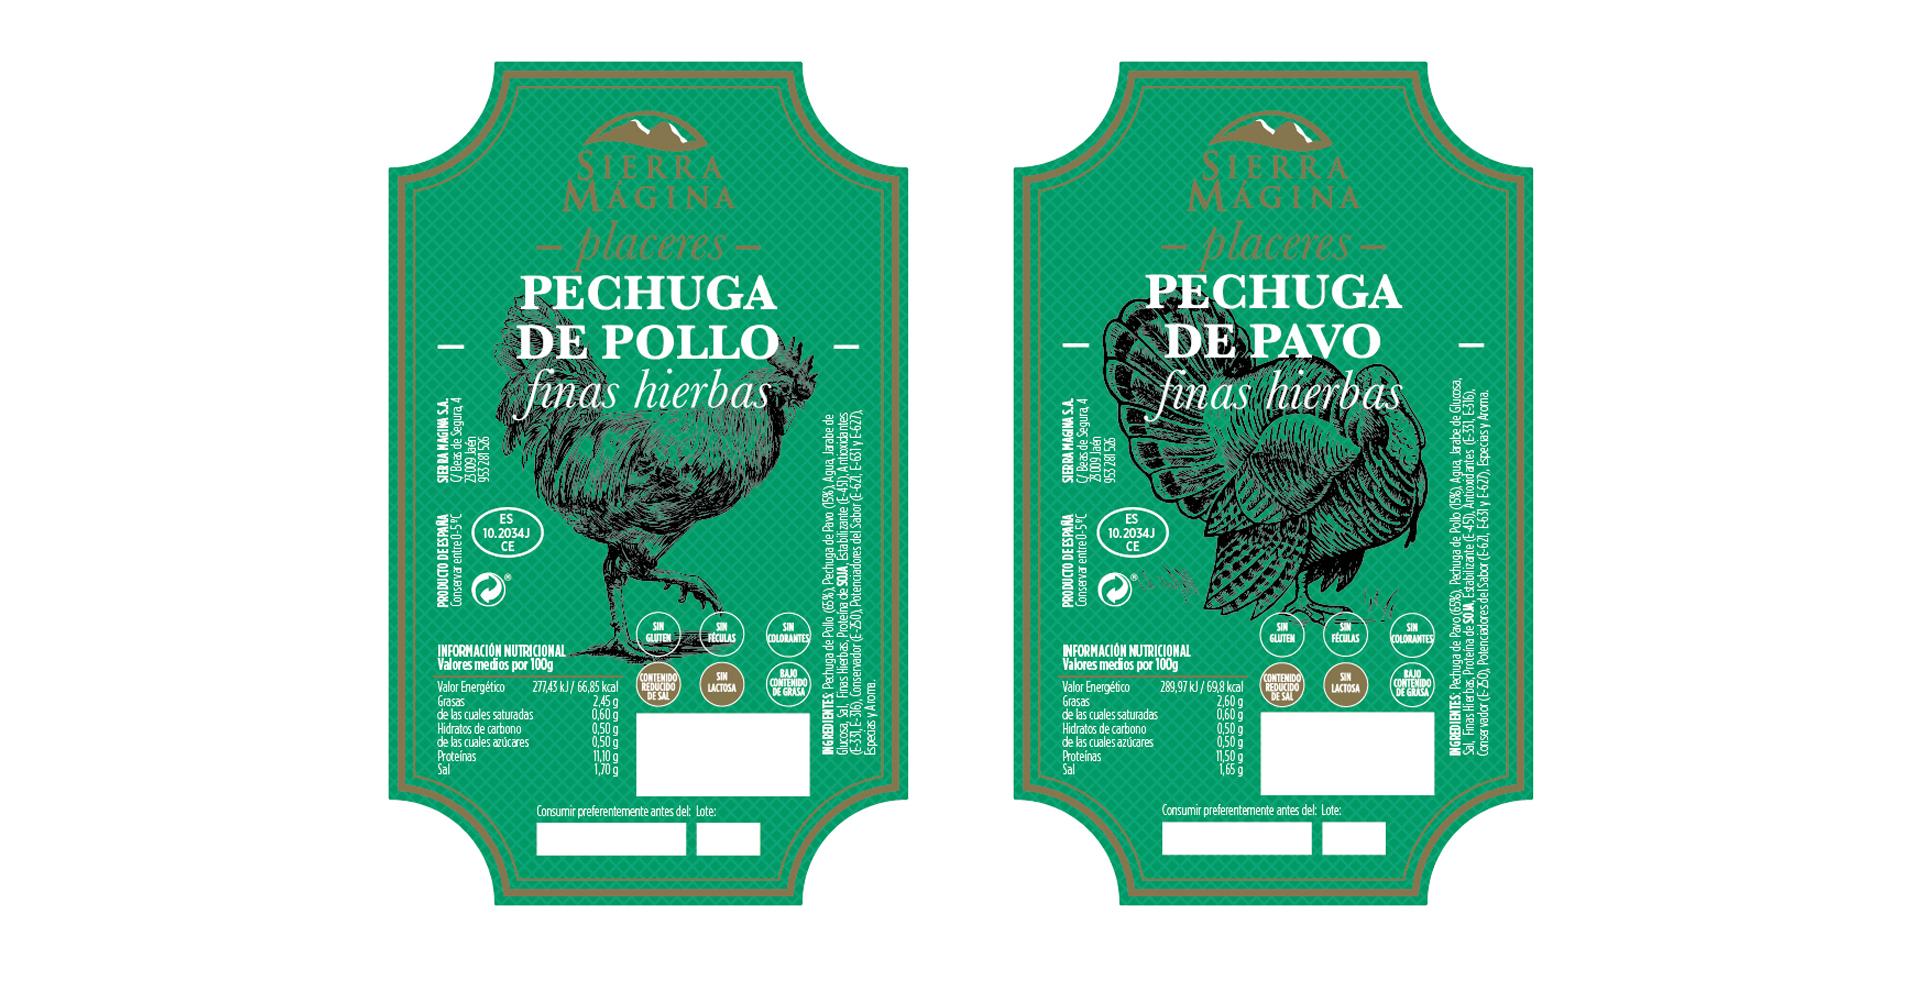 Sierra Mágina embutidos - diseño etiquetas